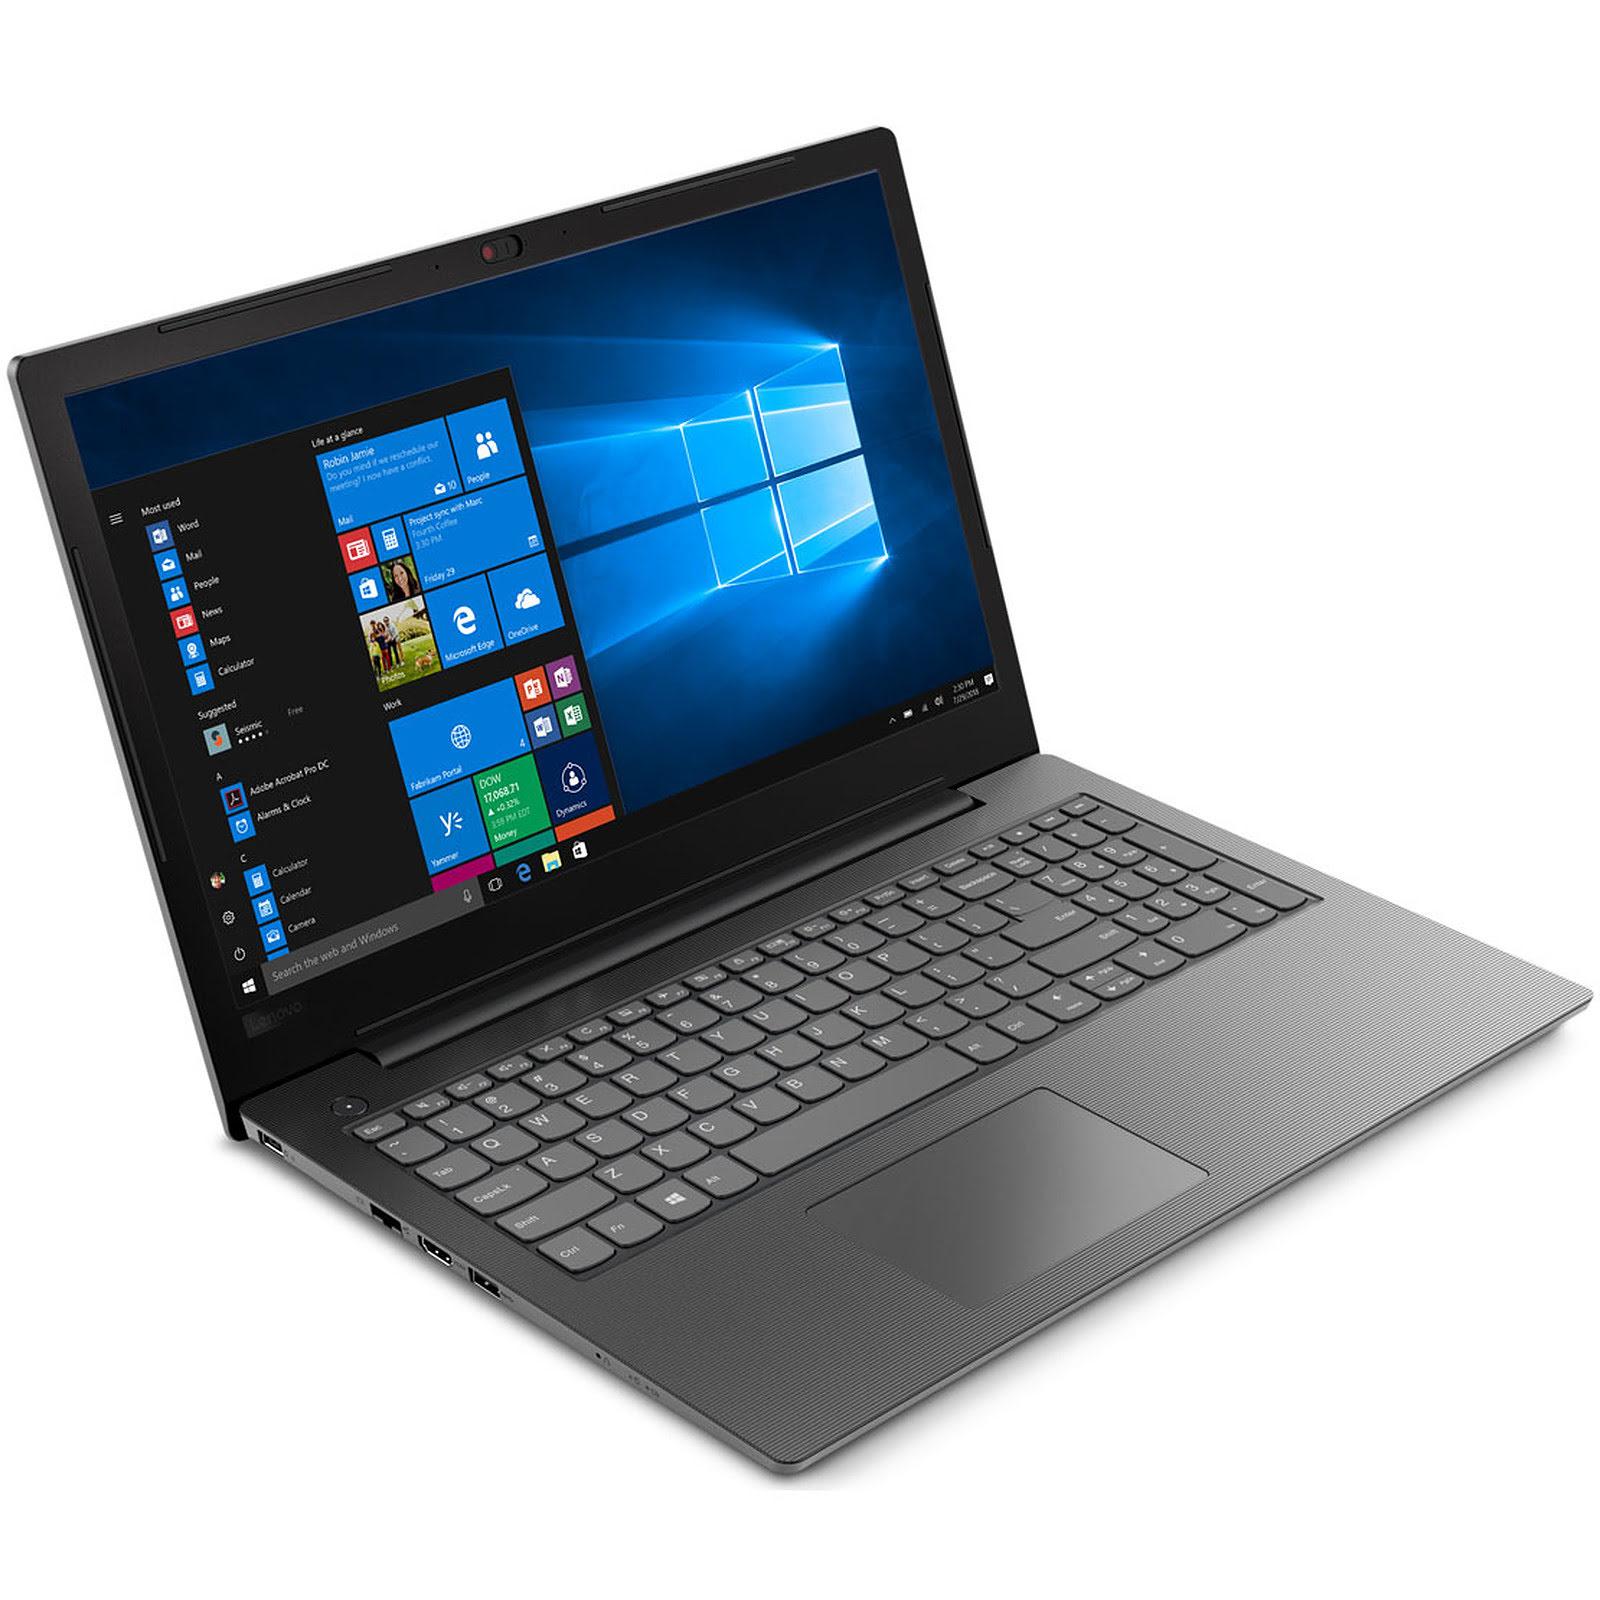 Lenovo V130-15IKB - PC portable Lenovo - Cybertek.fr - 0